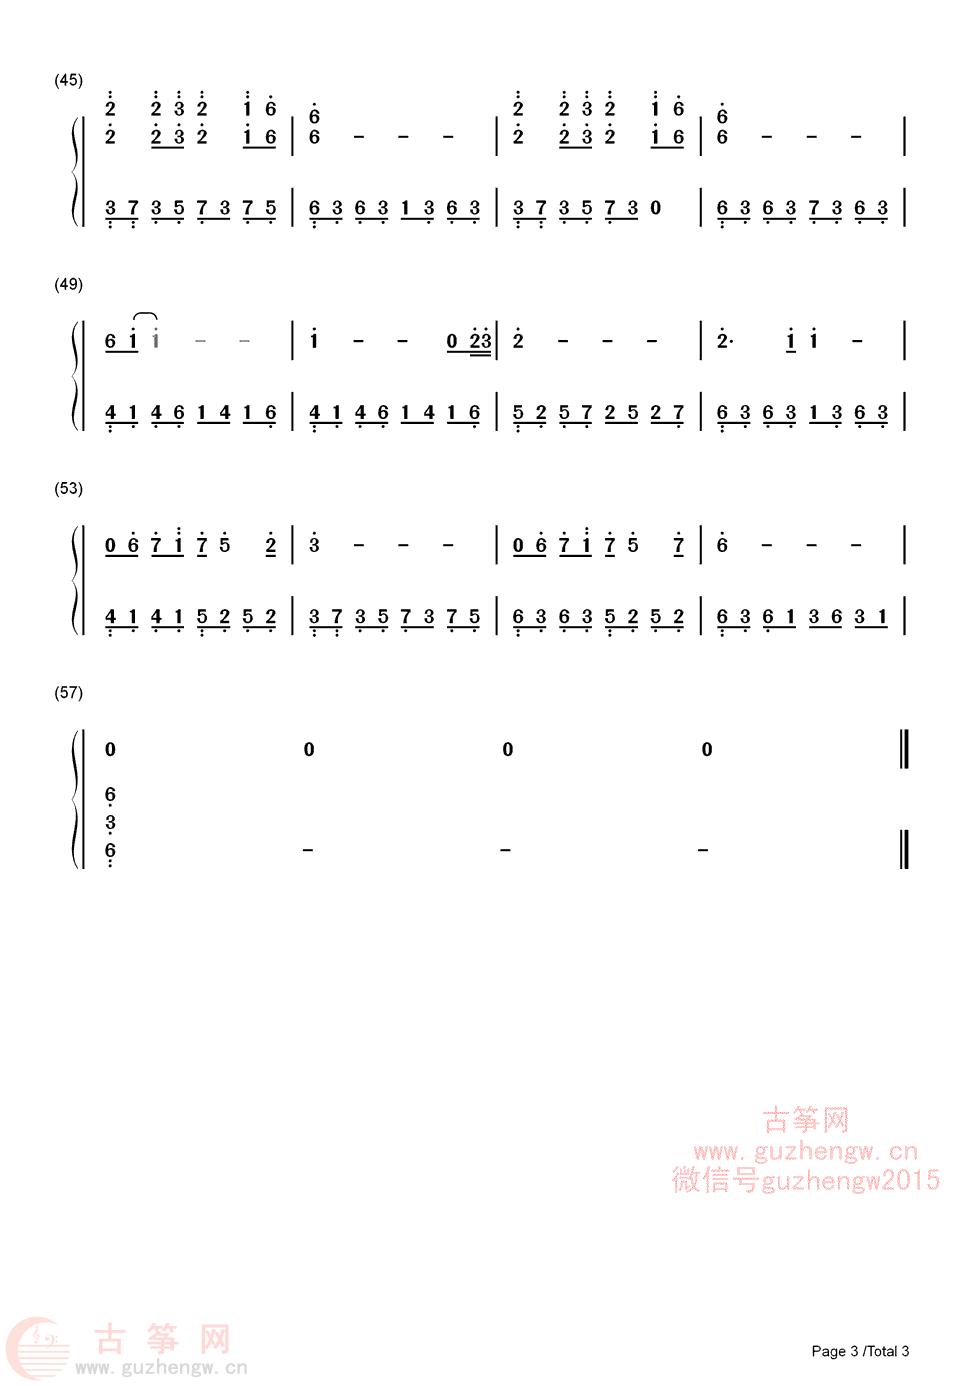 落花(电视剧《美人心计》主题曲)简谱 - 流行古筝曲谱